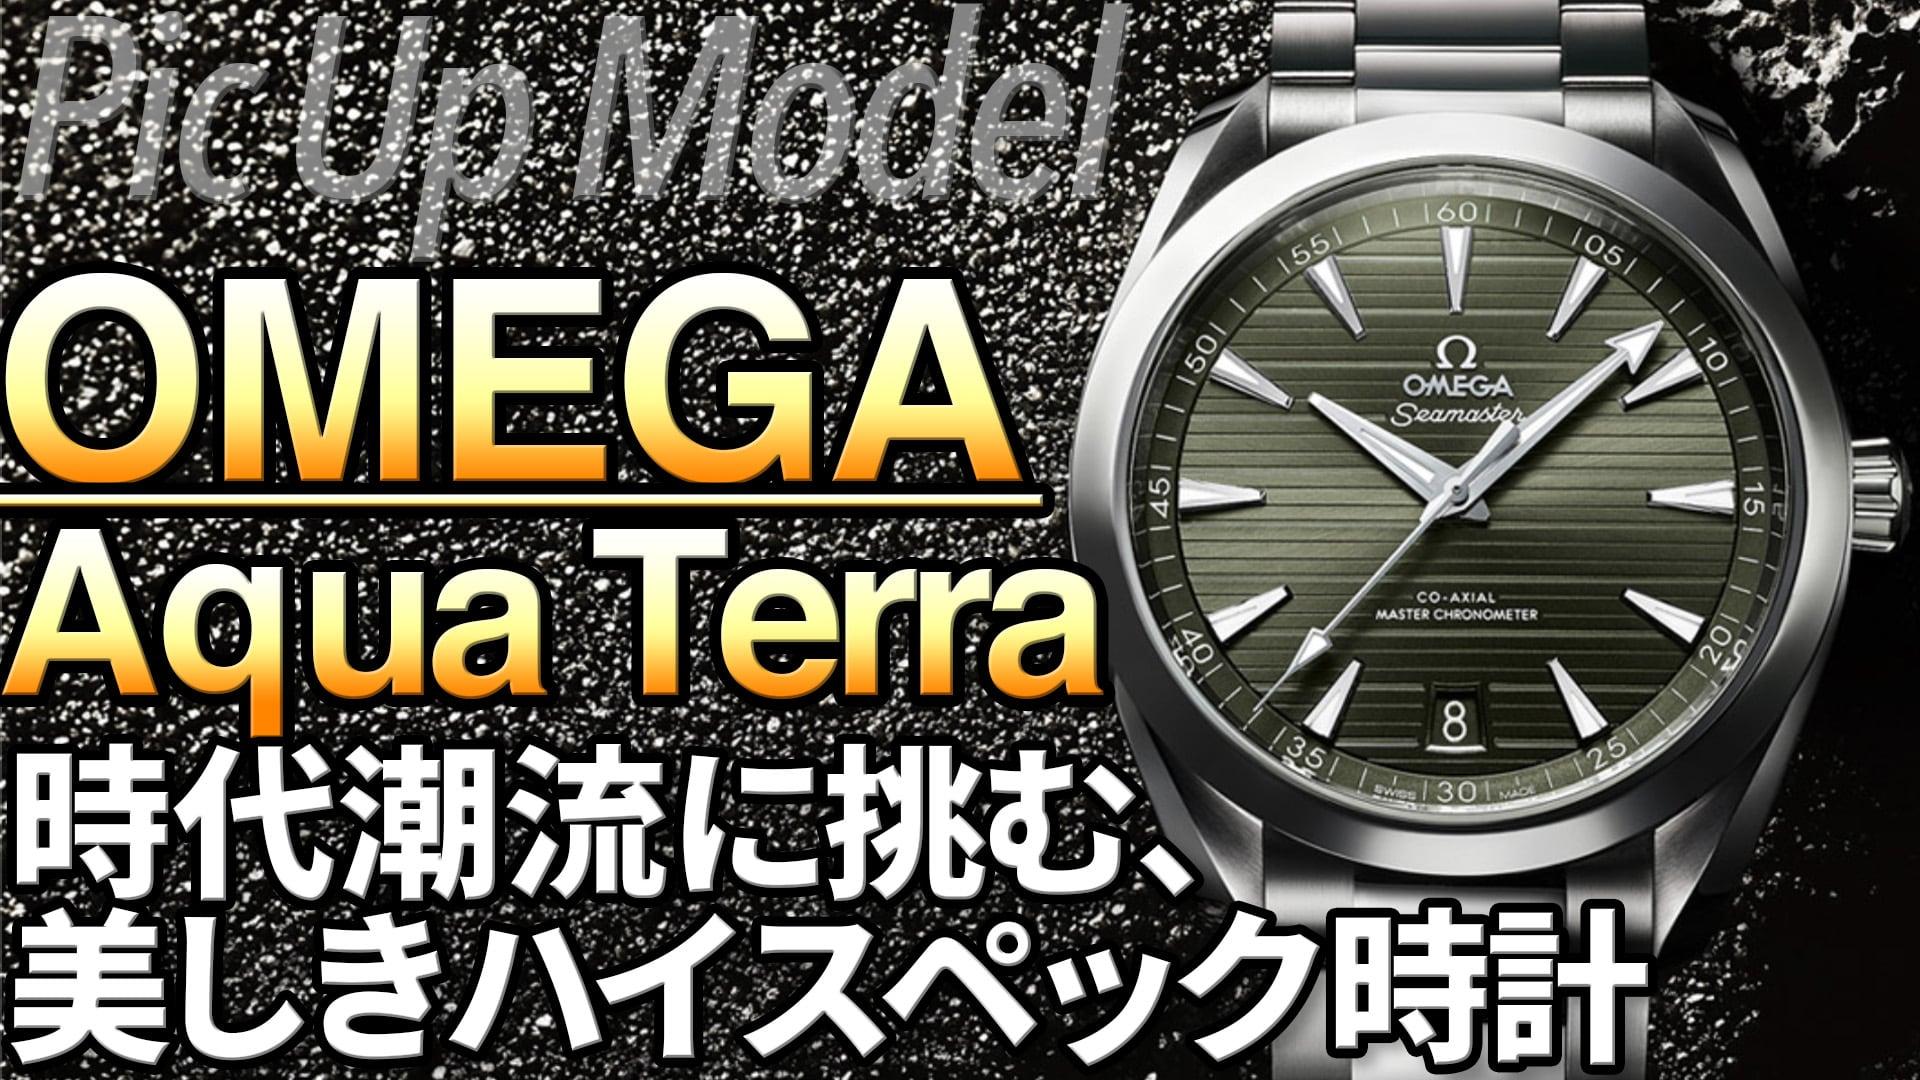 OMEGA SEAMASTER アクアテラ とは|最新スペックとデザインからその魅力を深堀り